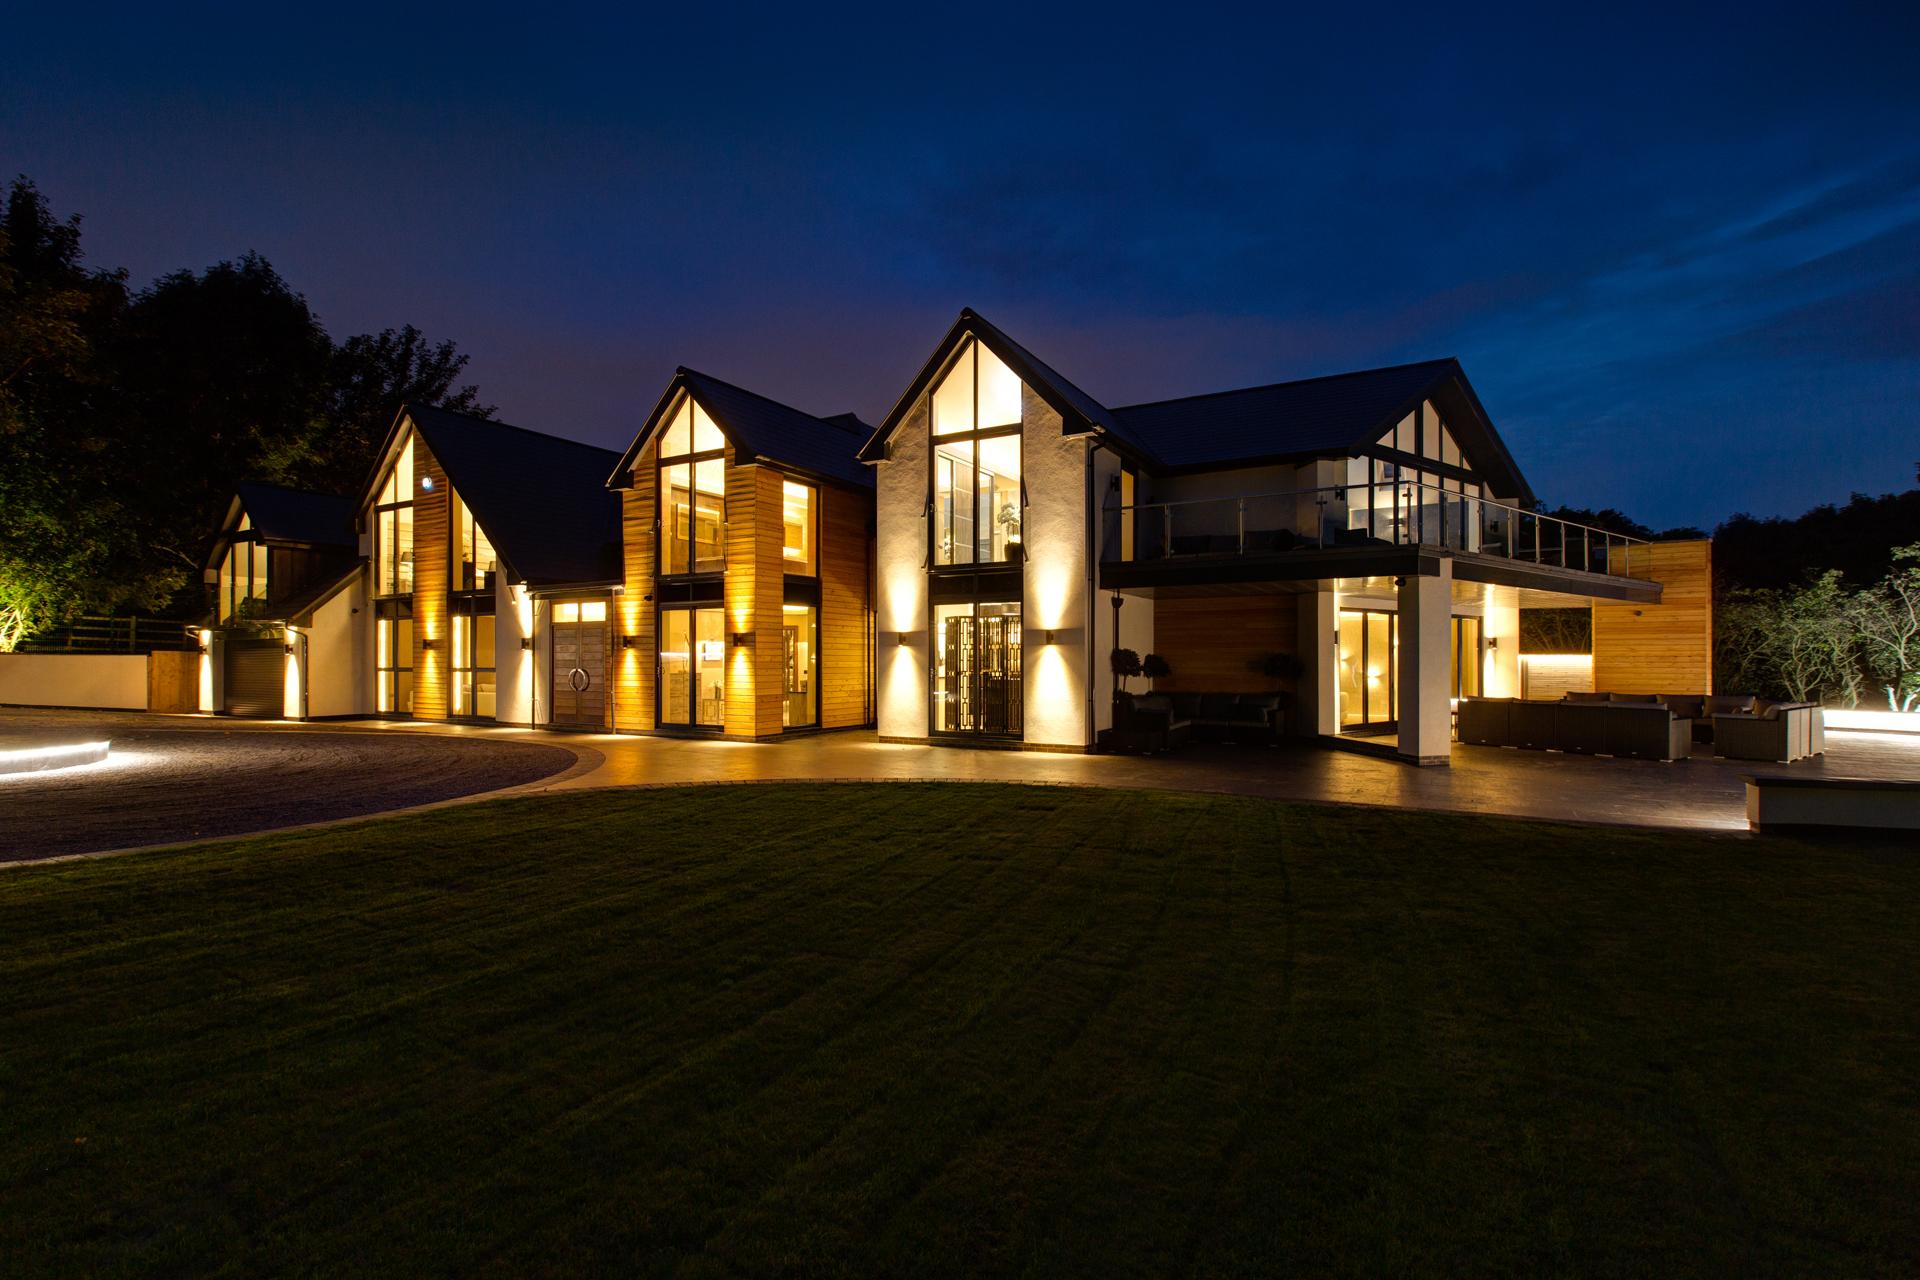 fairmont property nottingham